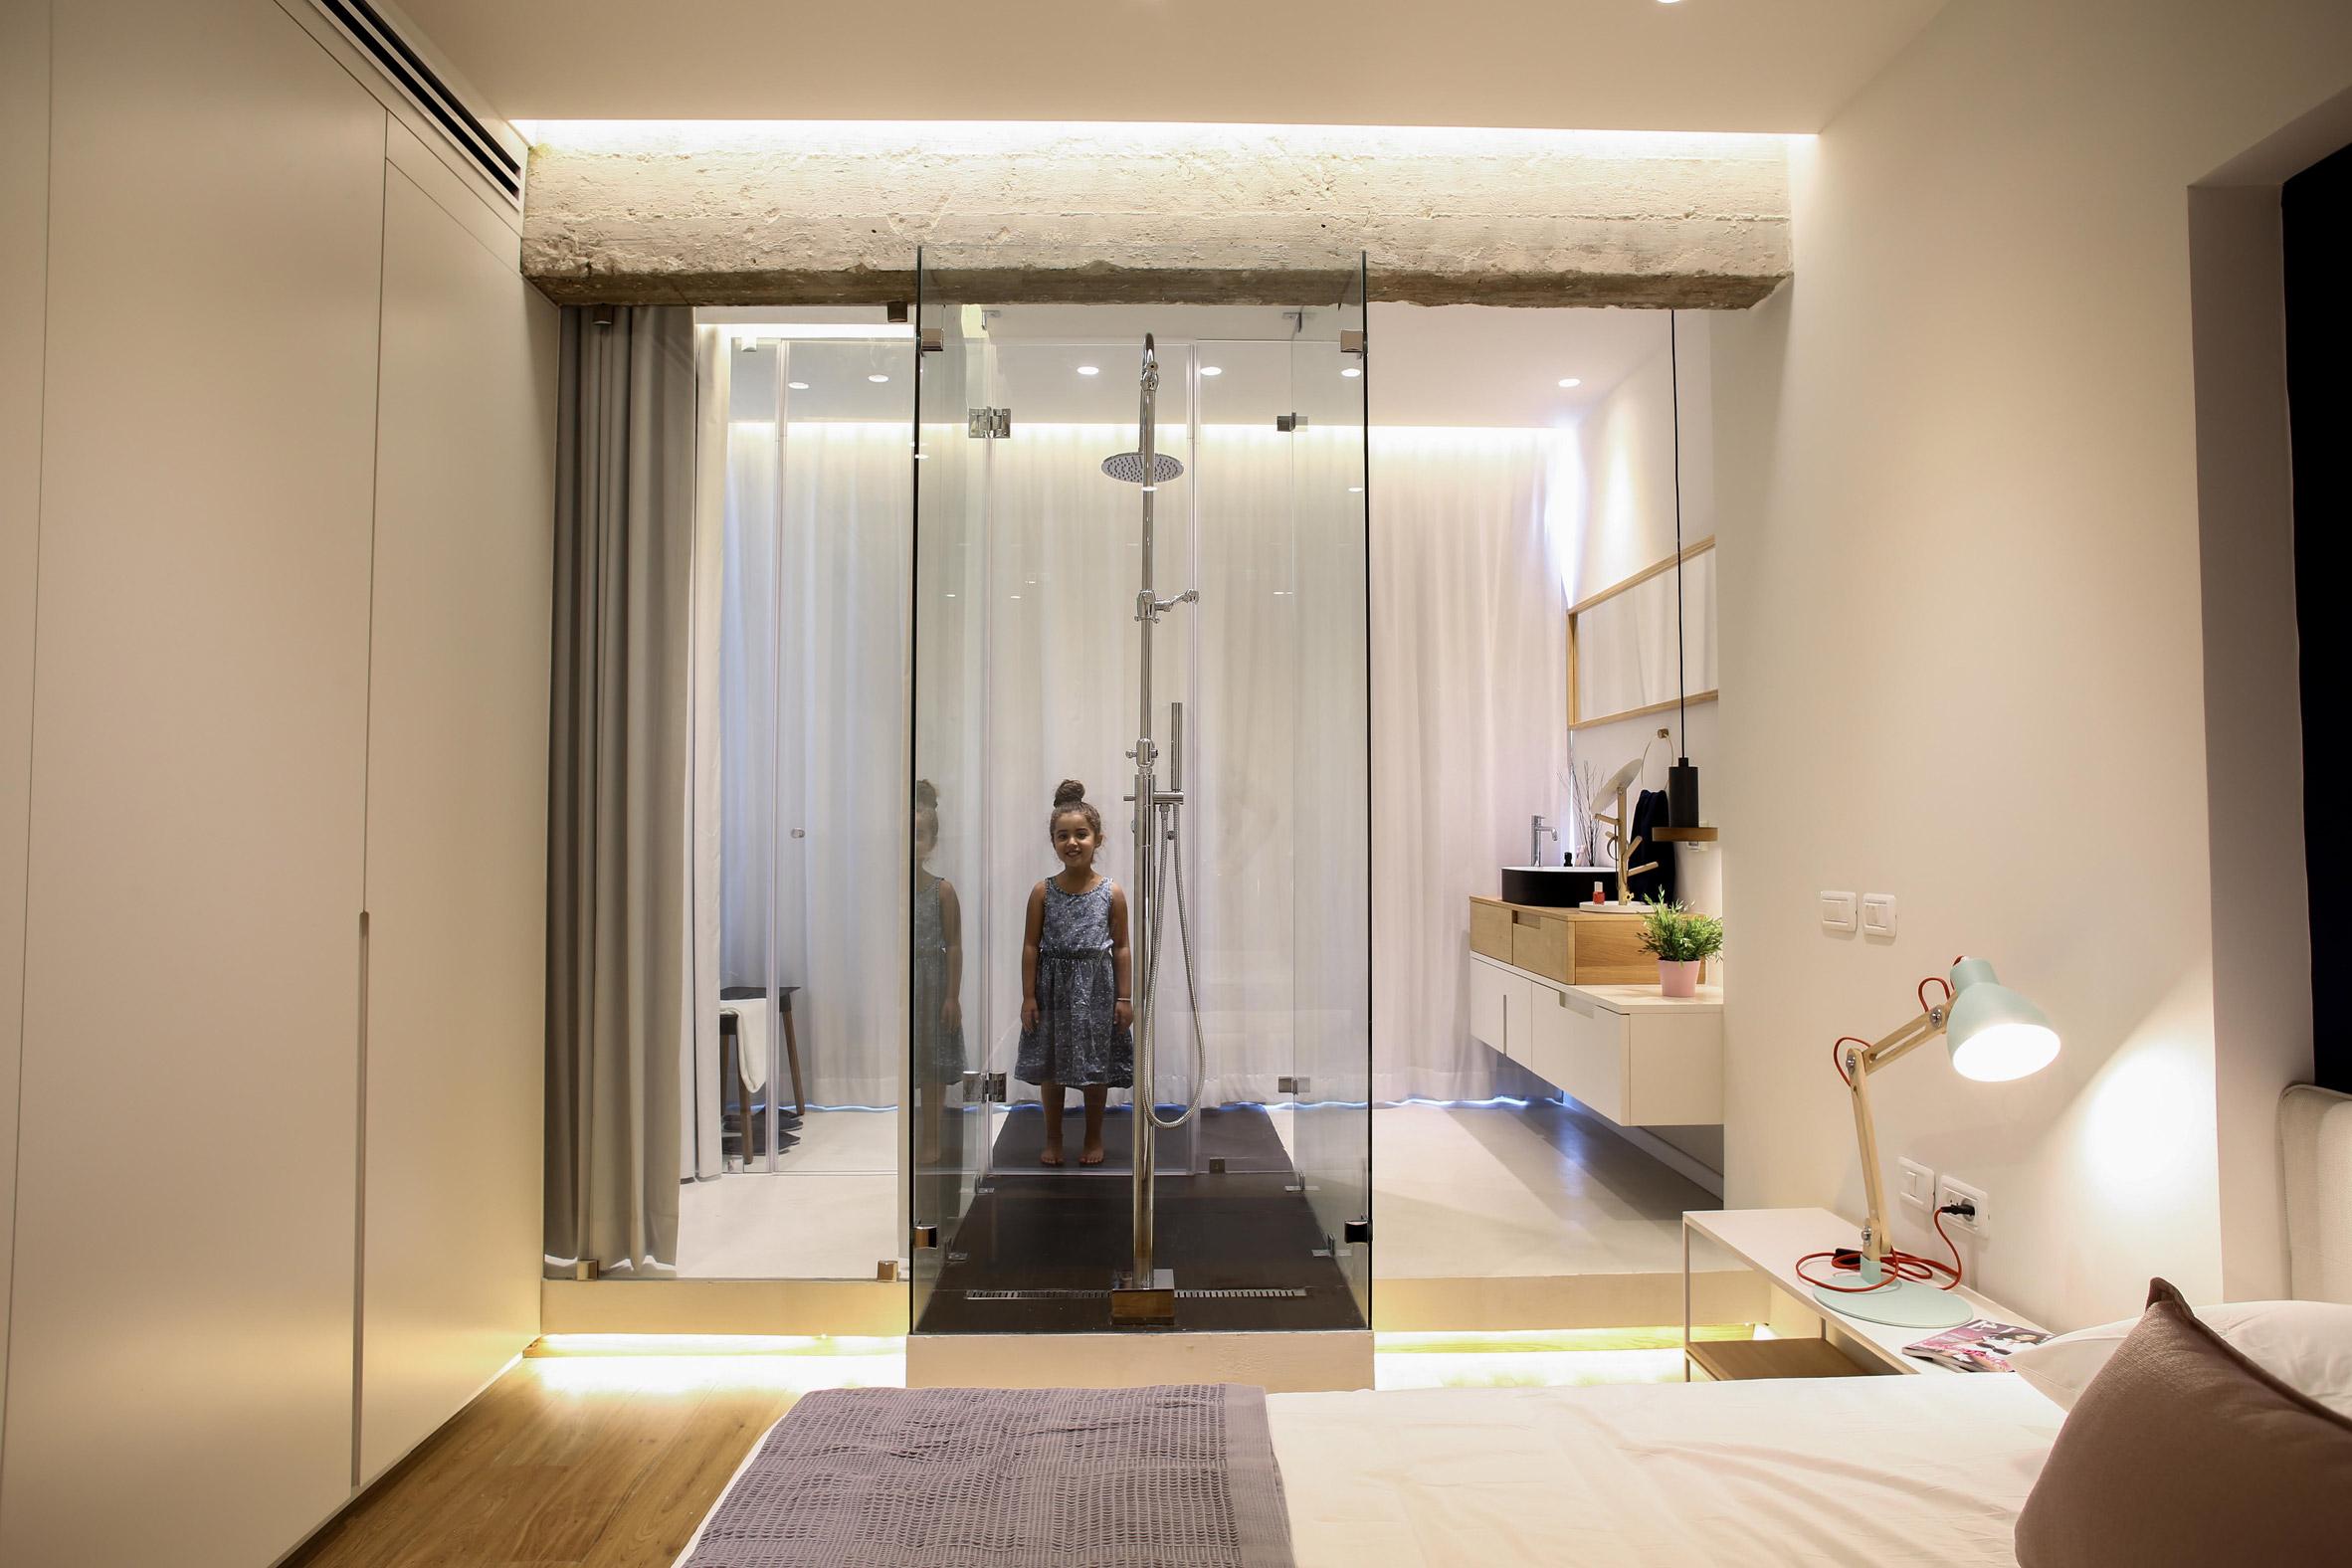 architecture-apartment-tel-aviv-design-studia-interiors-osnovadesign-osnova-poltava_24